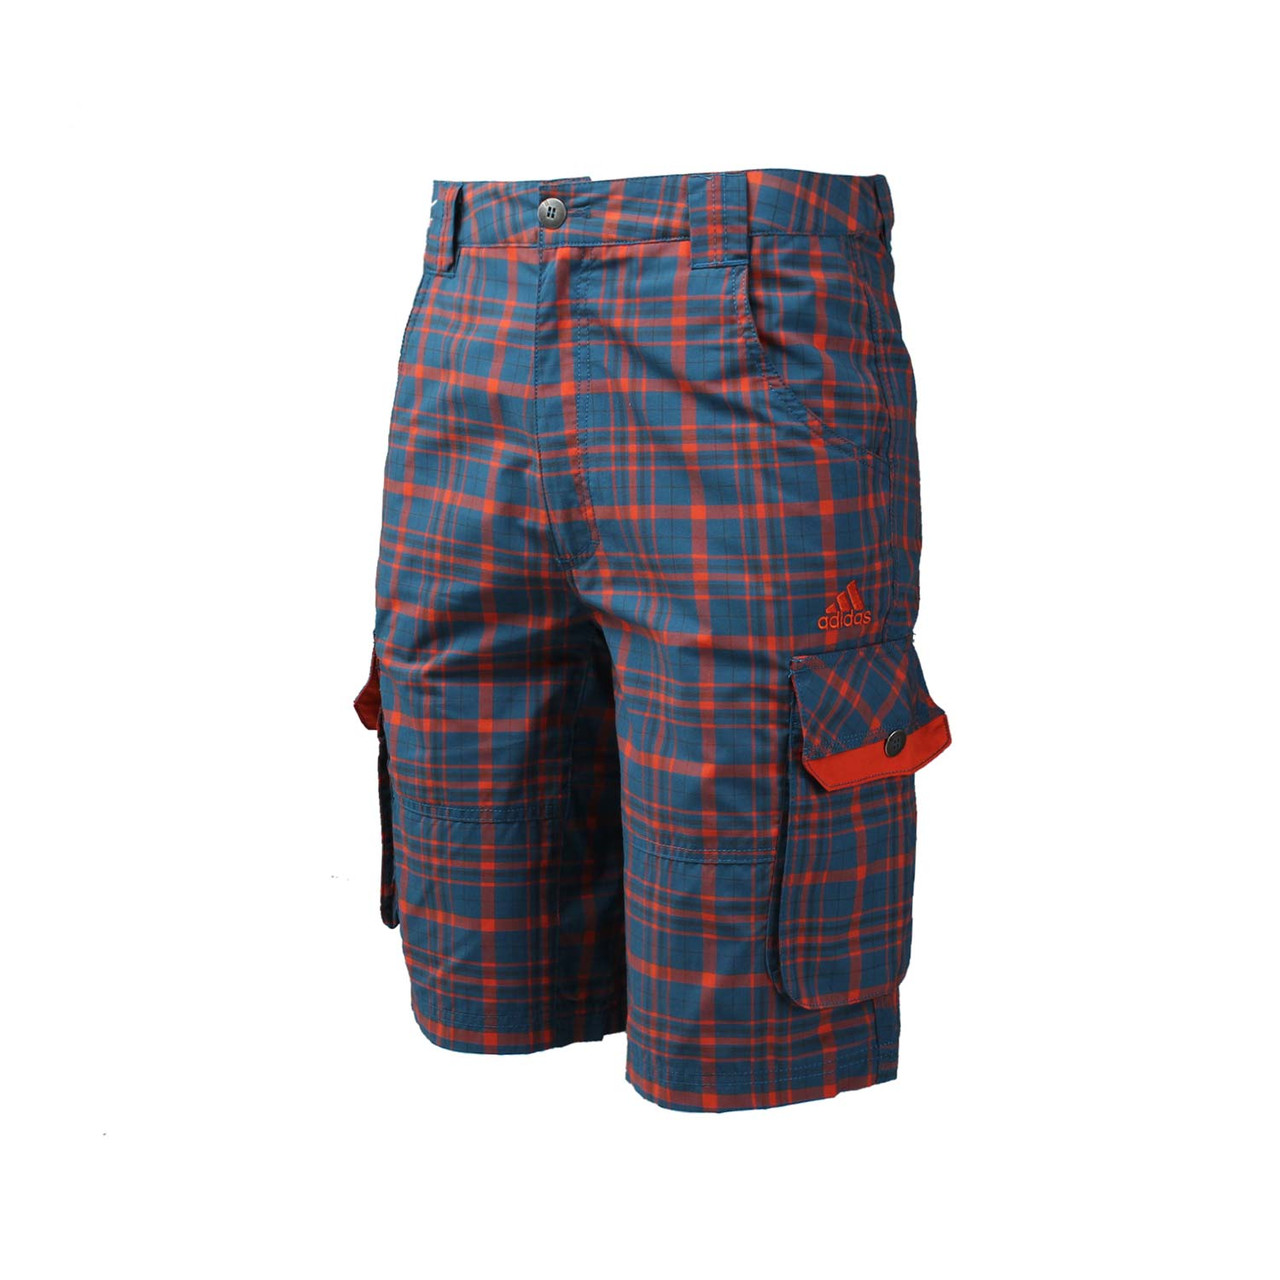 Шорты спортивные, мужские adidas D81660 Men's Edo Check Shorts адидас, фото 1